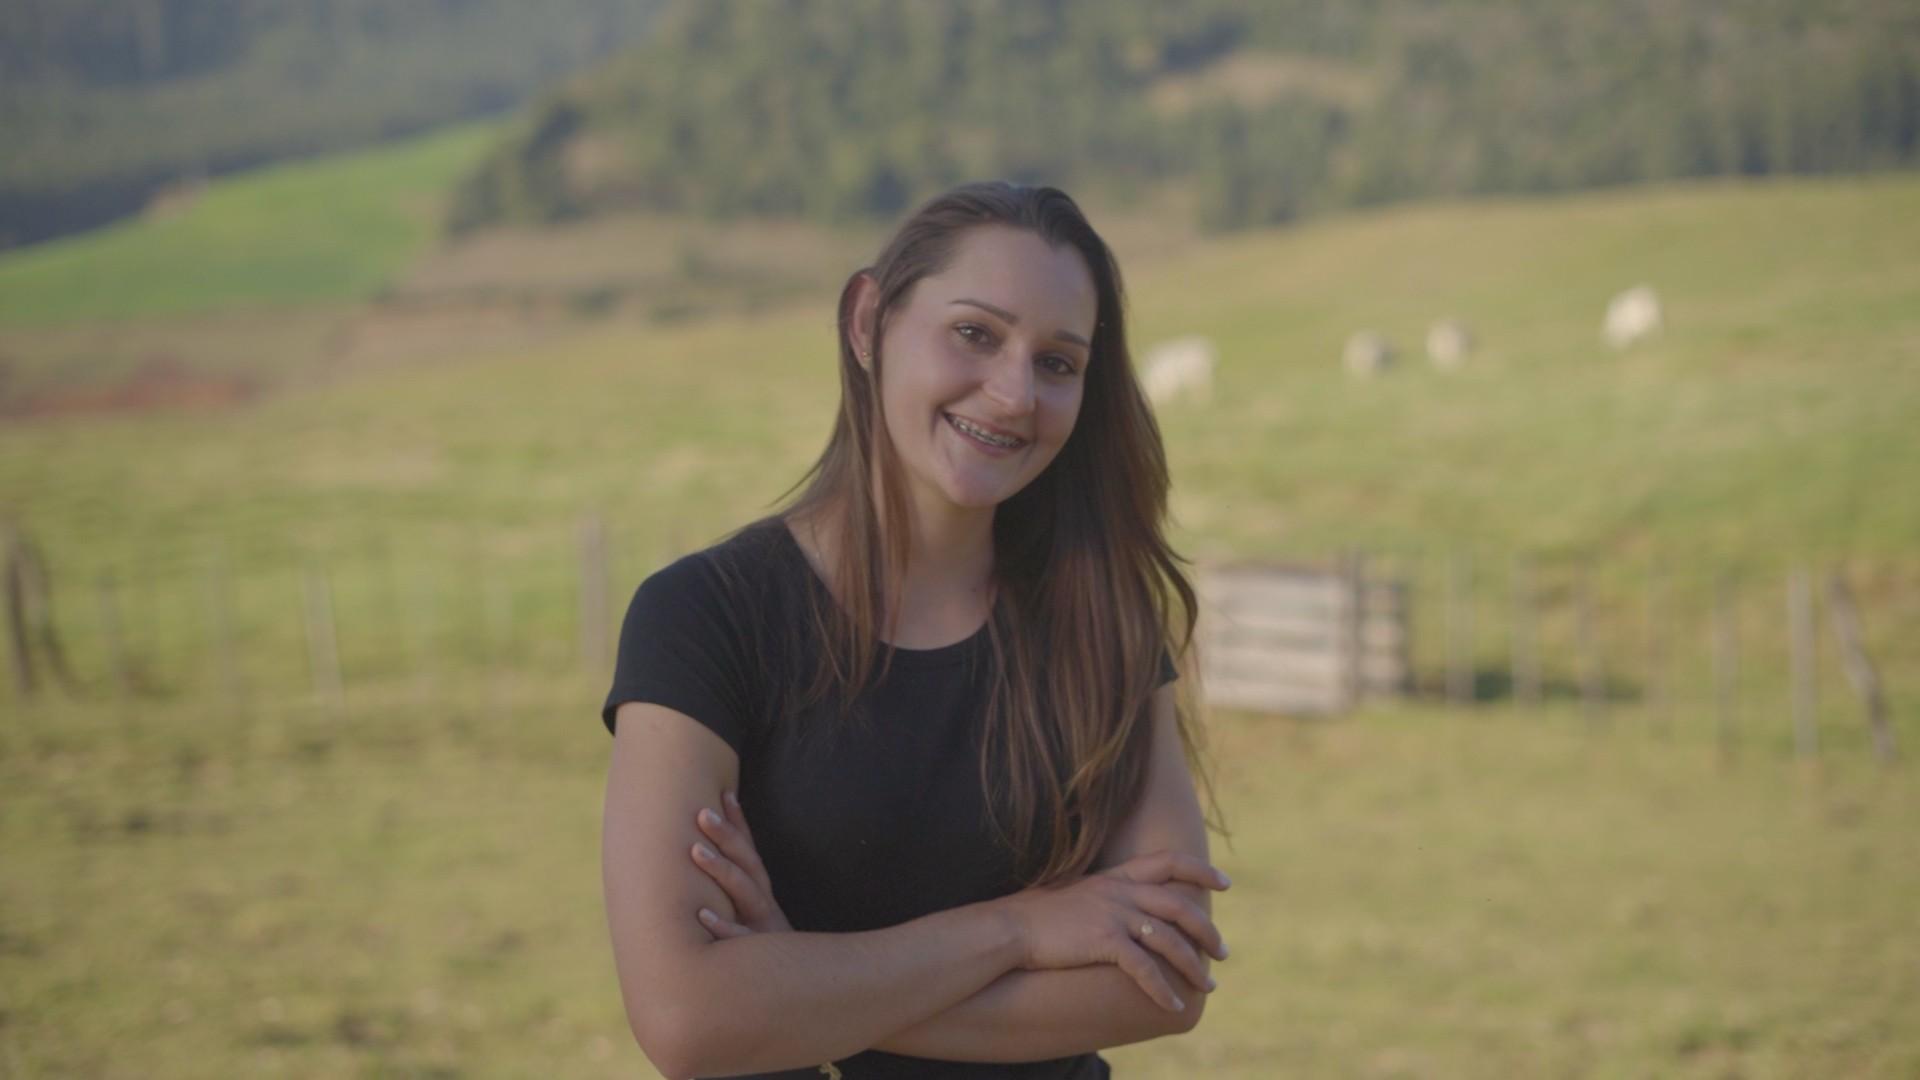 Seguindo os passos do pai, fazendeira de 26 anos assume propriedade da família